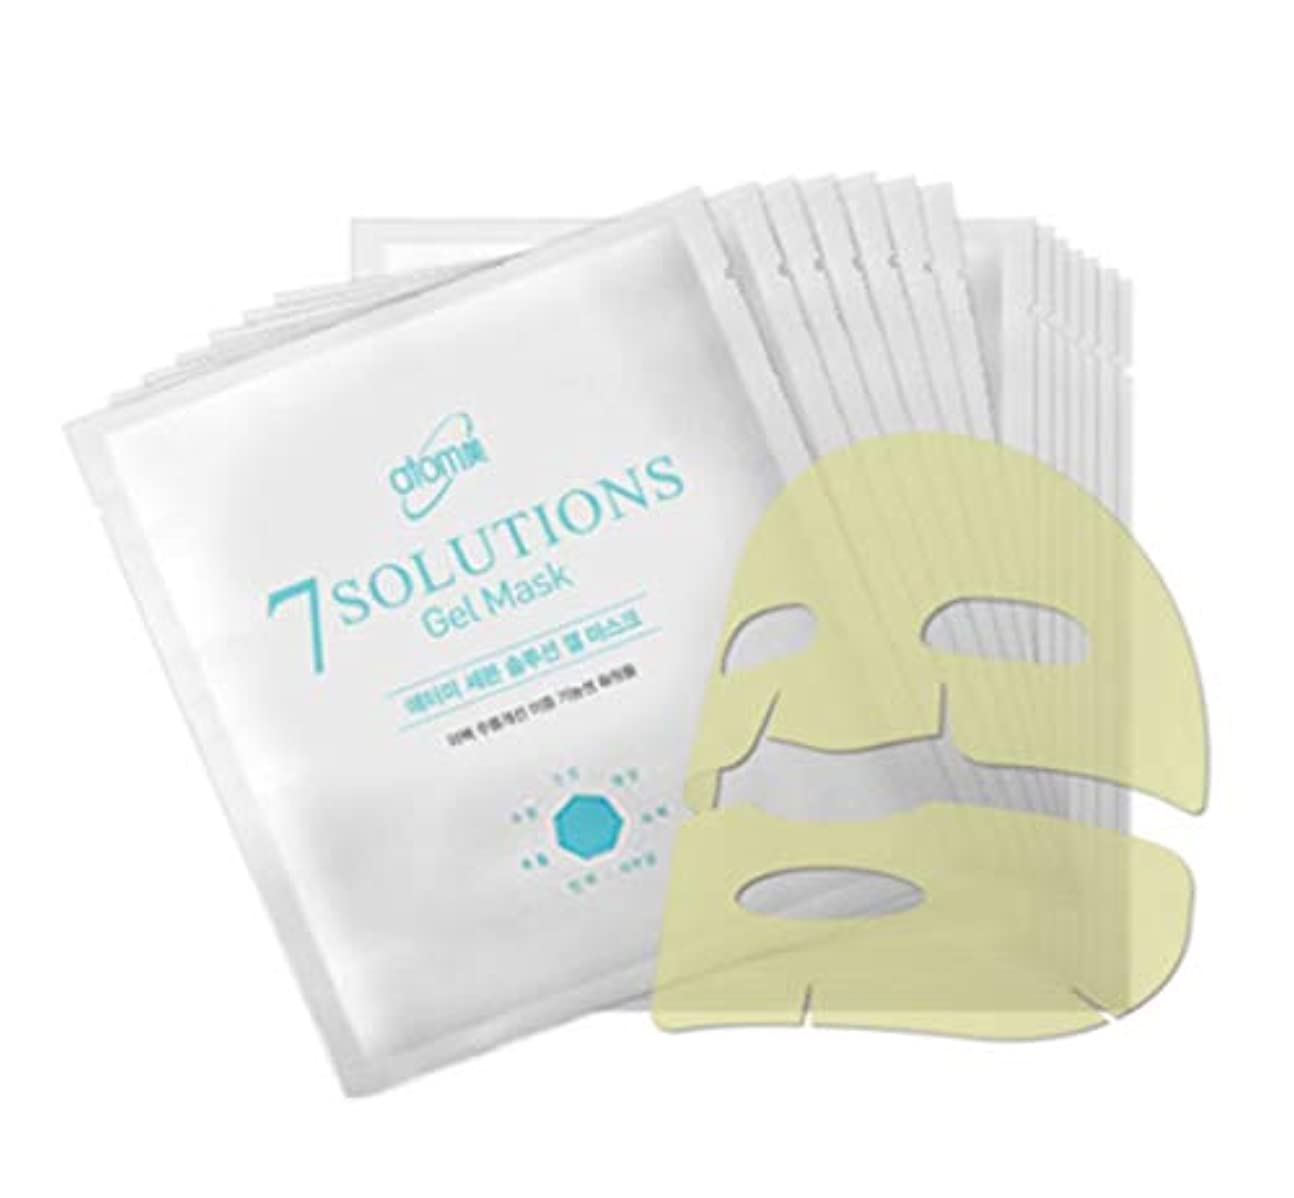 嘆願アーティファクト頭蓋骨Atomy アトミ 7 solution Gel Mask 25g X 14ea美白シワ改善二重機能性化粧品(並行輸入品)